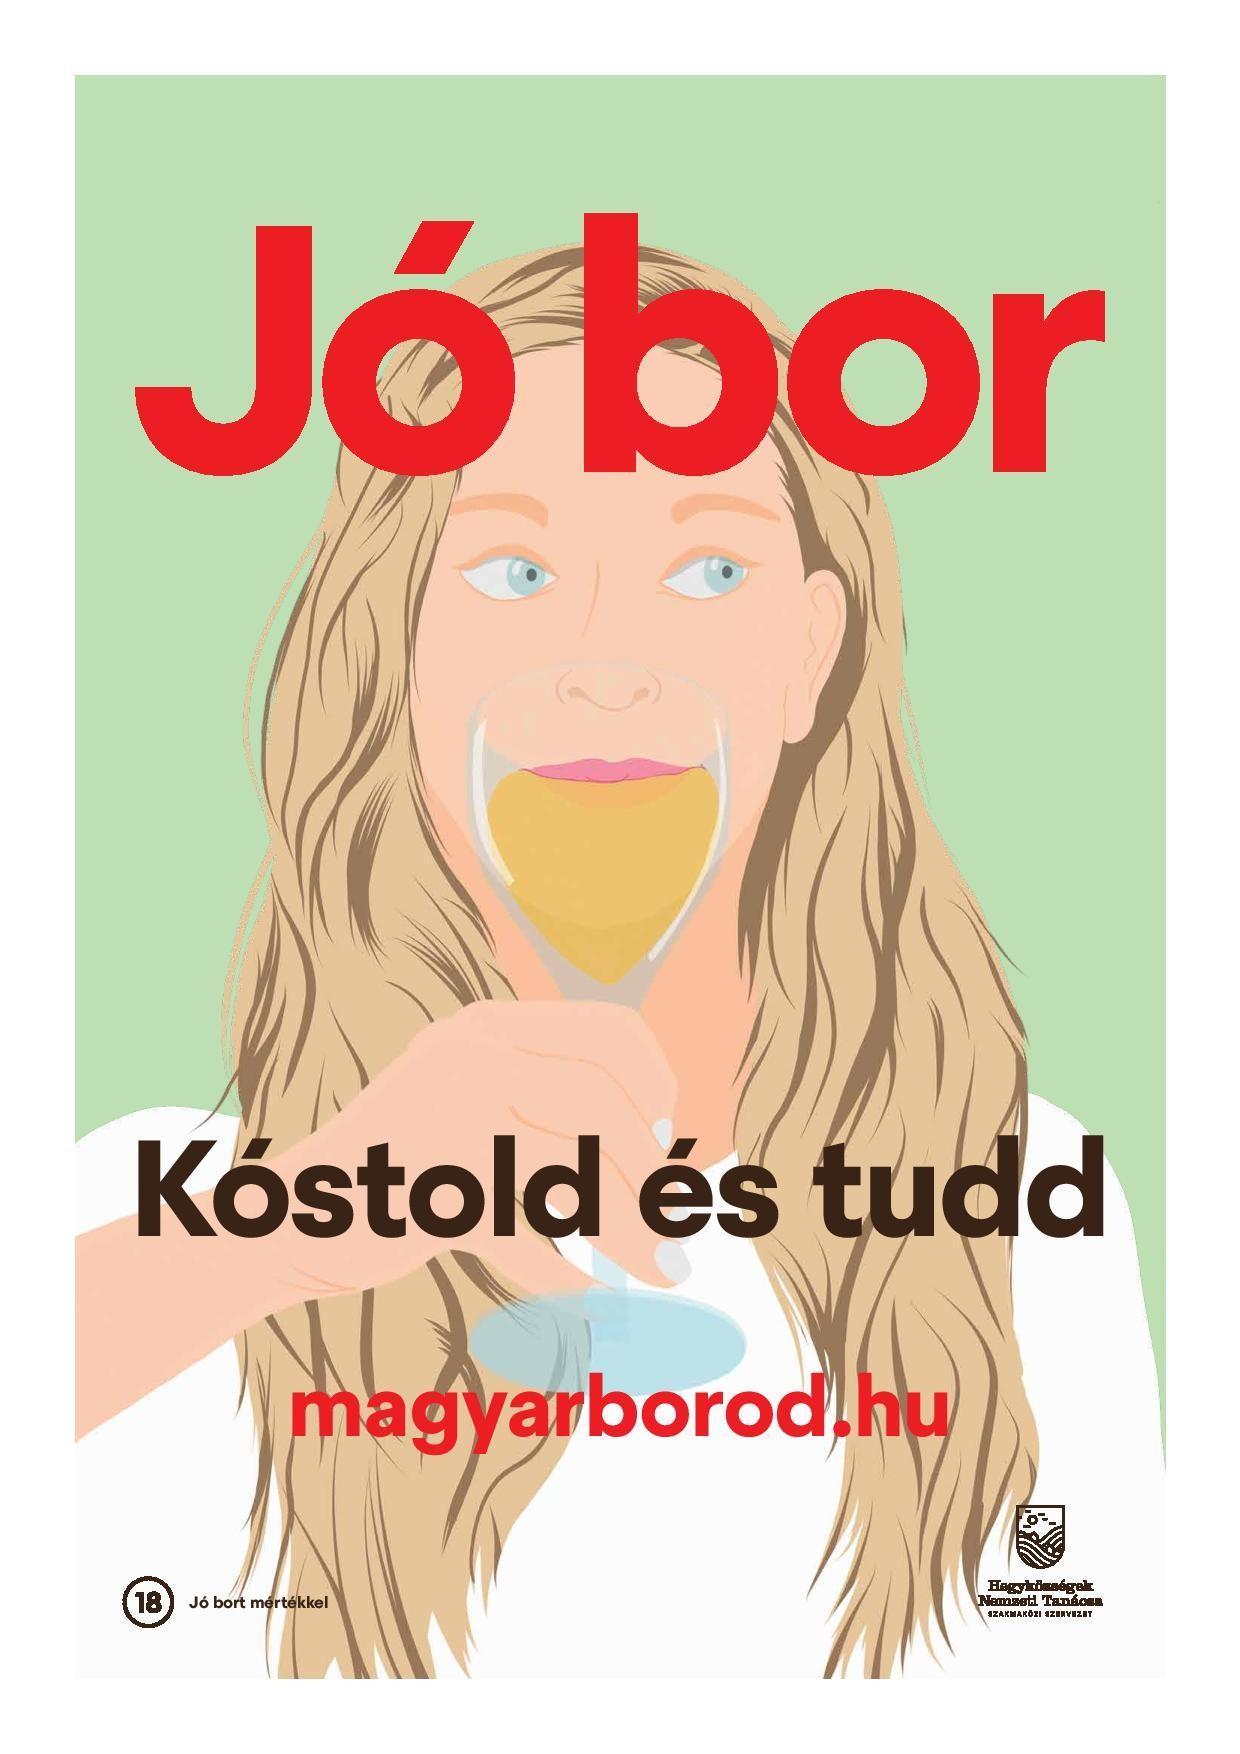 boros kampány